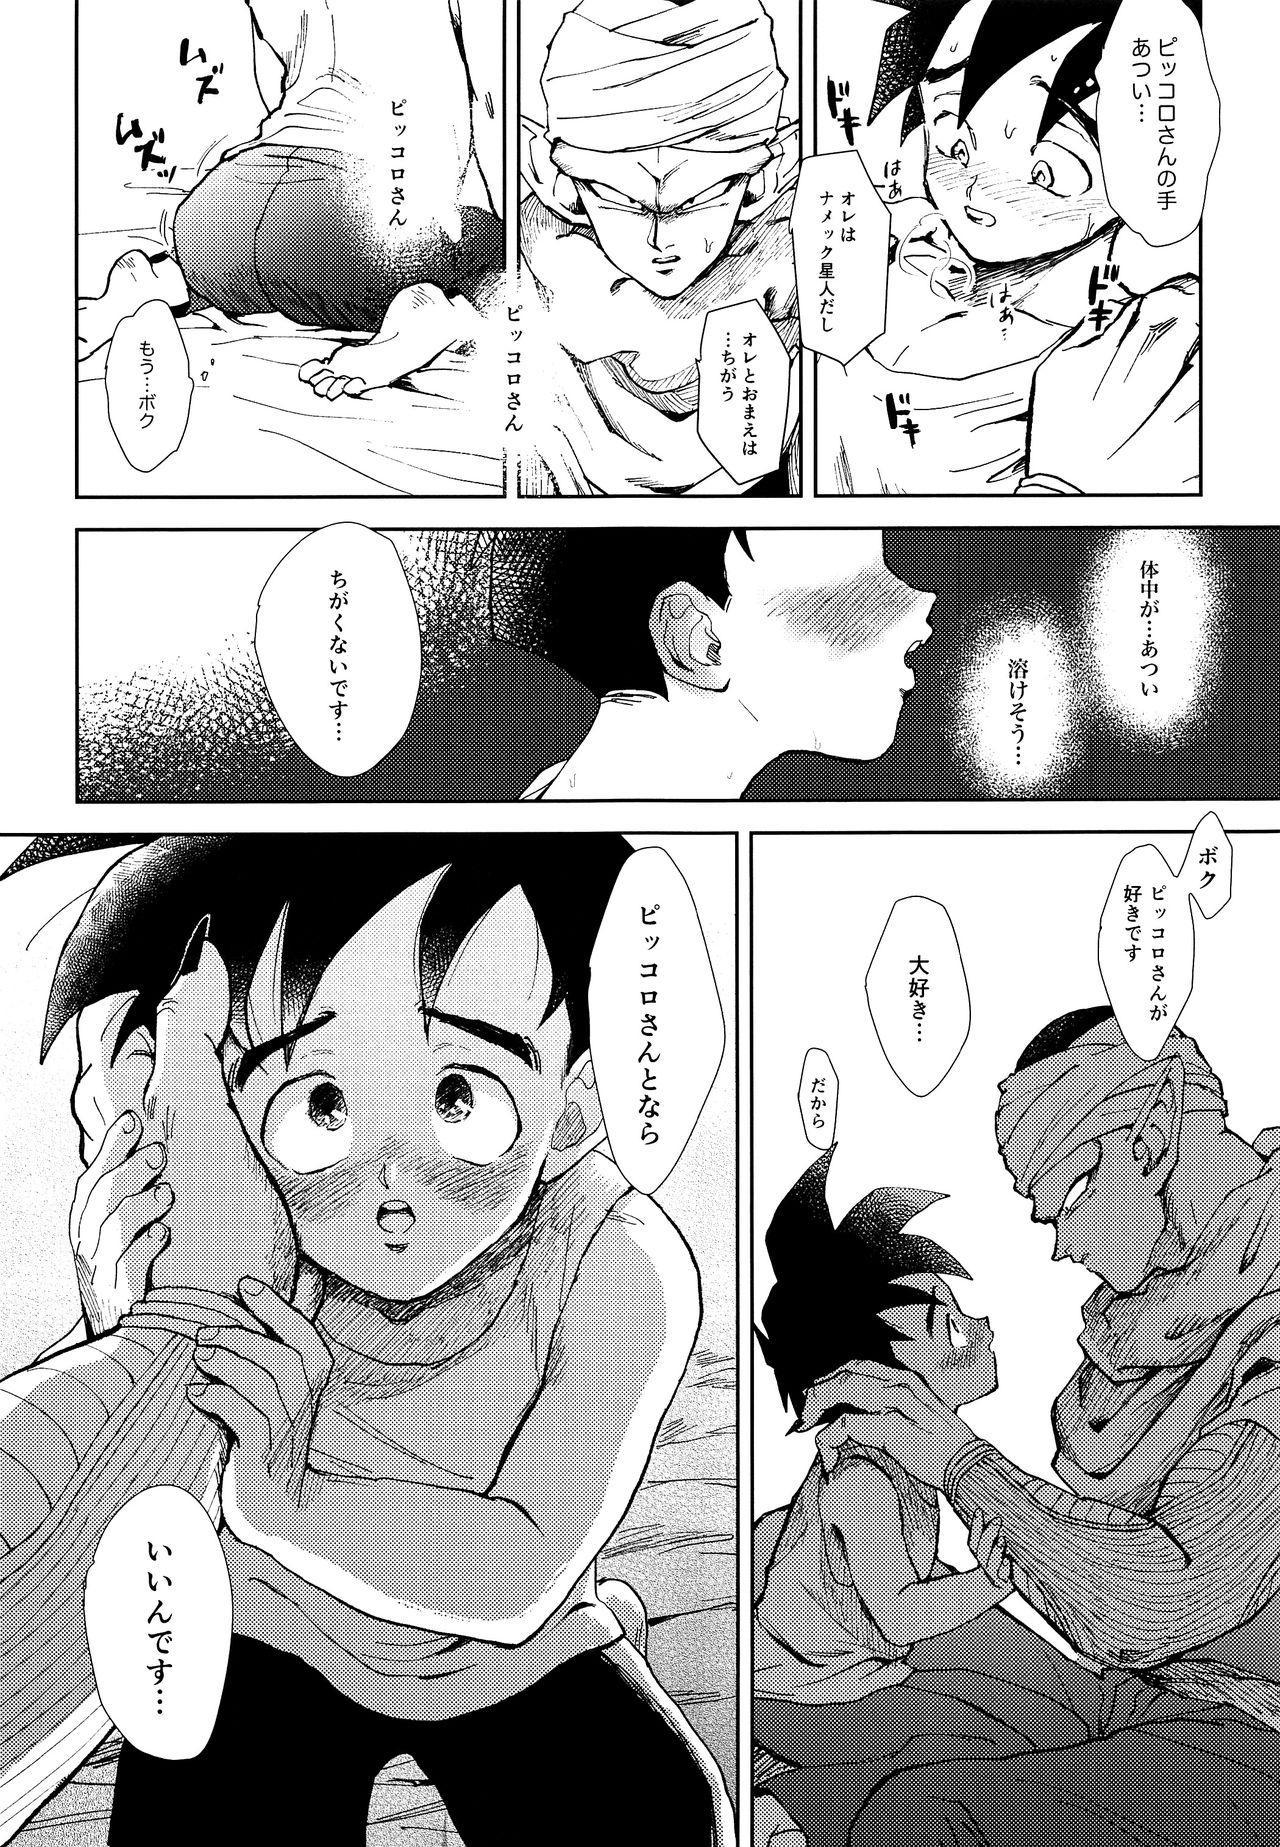 Tsuki ni Somuite 9